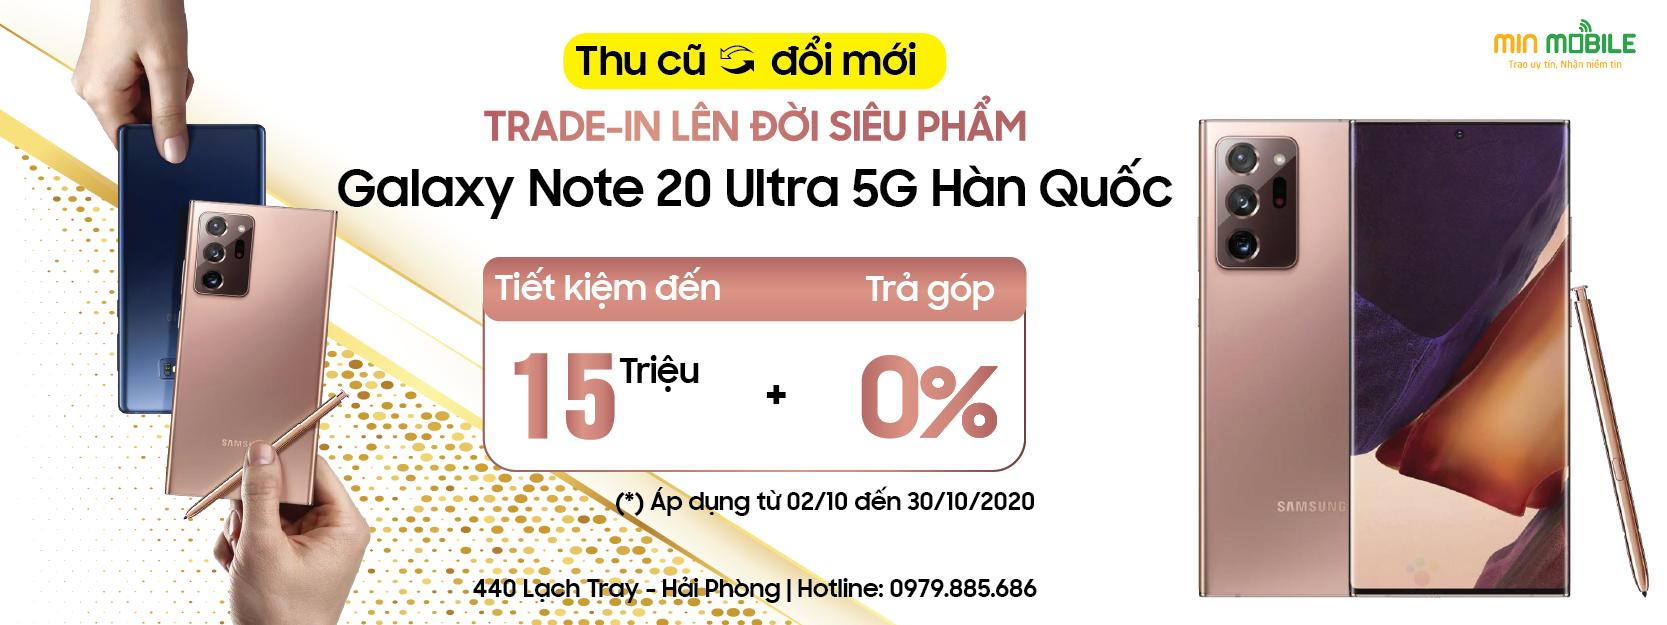 Chương trình thu cũ đổi mới, lên đời Note 20 Ultra 5G Hàn Quốc